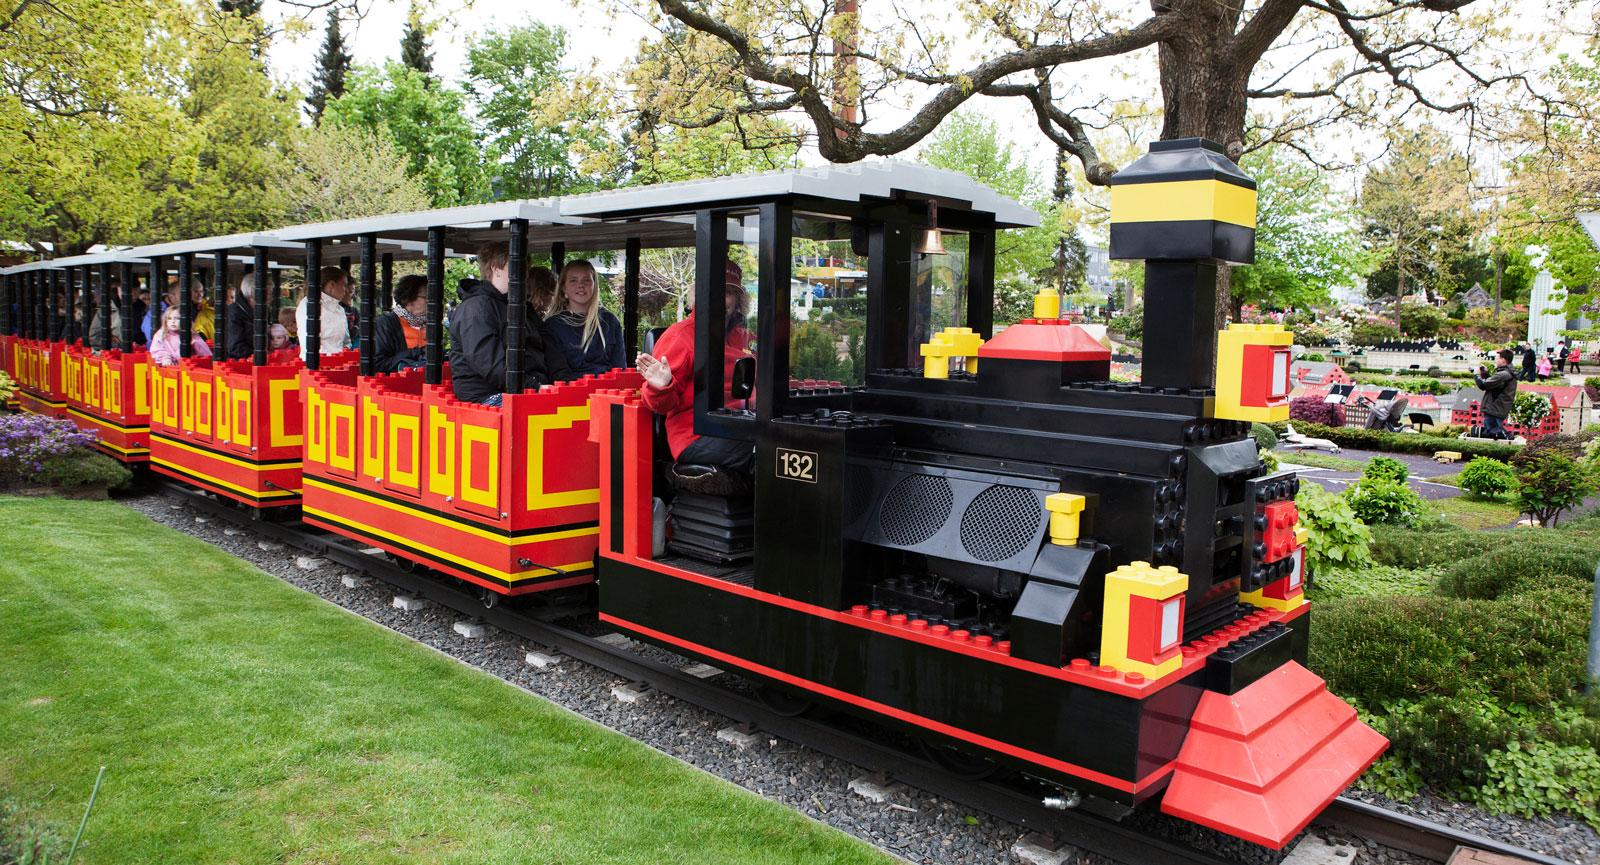 Tåget tuffar på till alla familjers glädje och många känner nog igen designen även om den är jättestor.Inte bara lego.